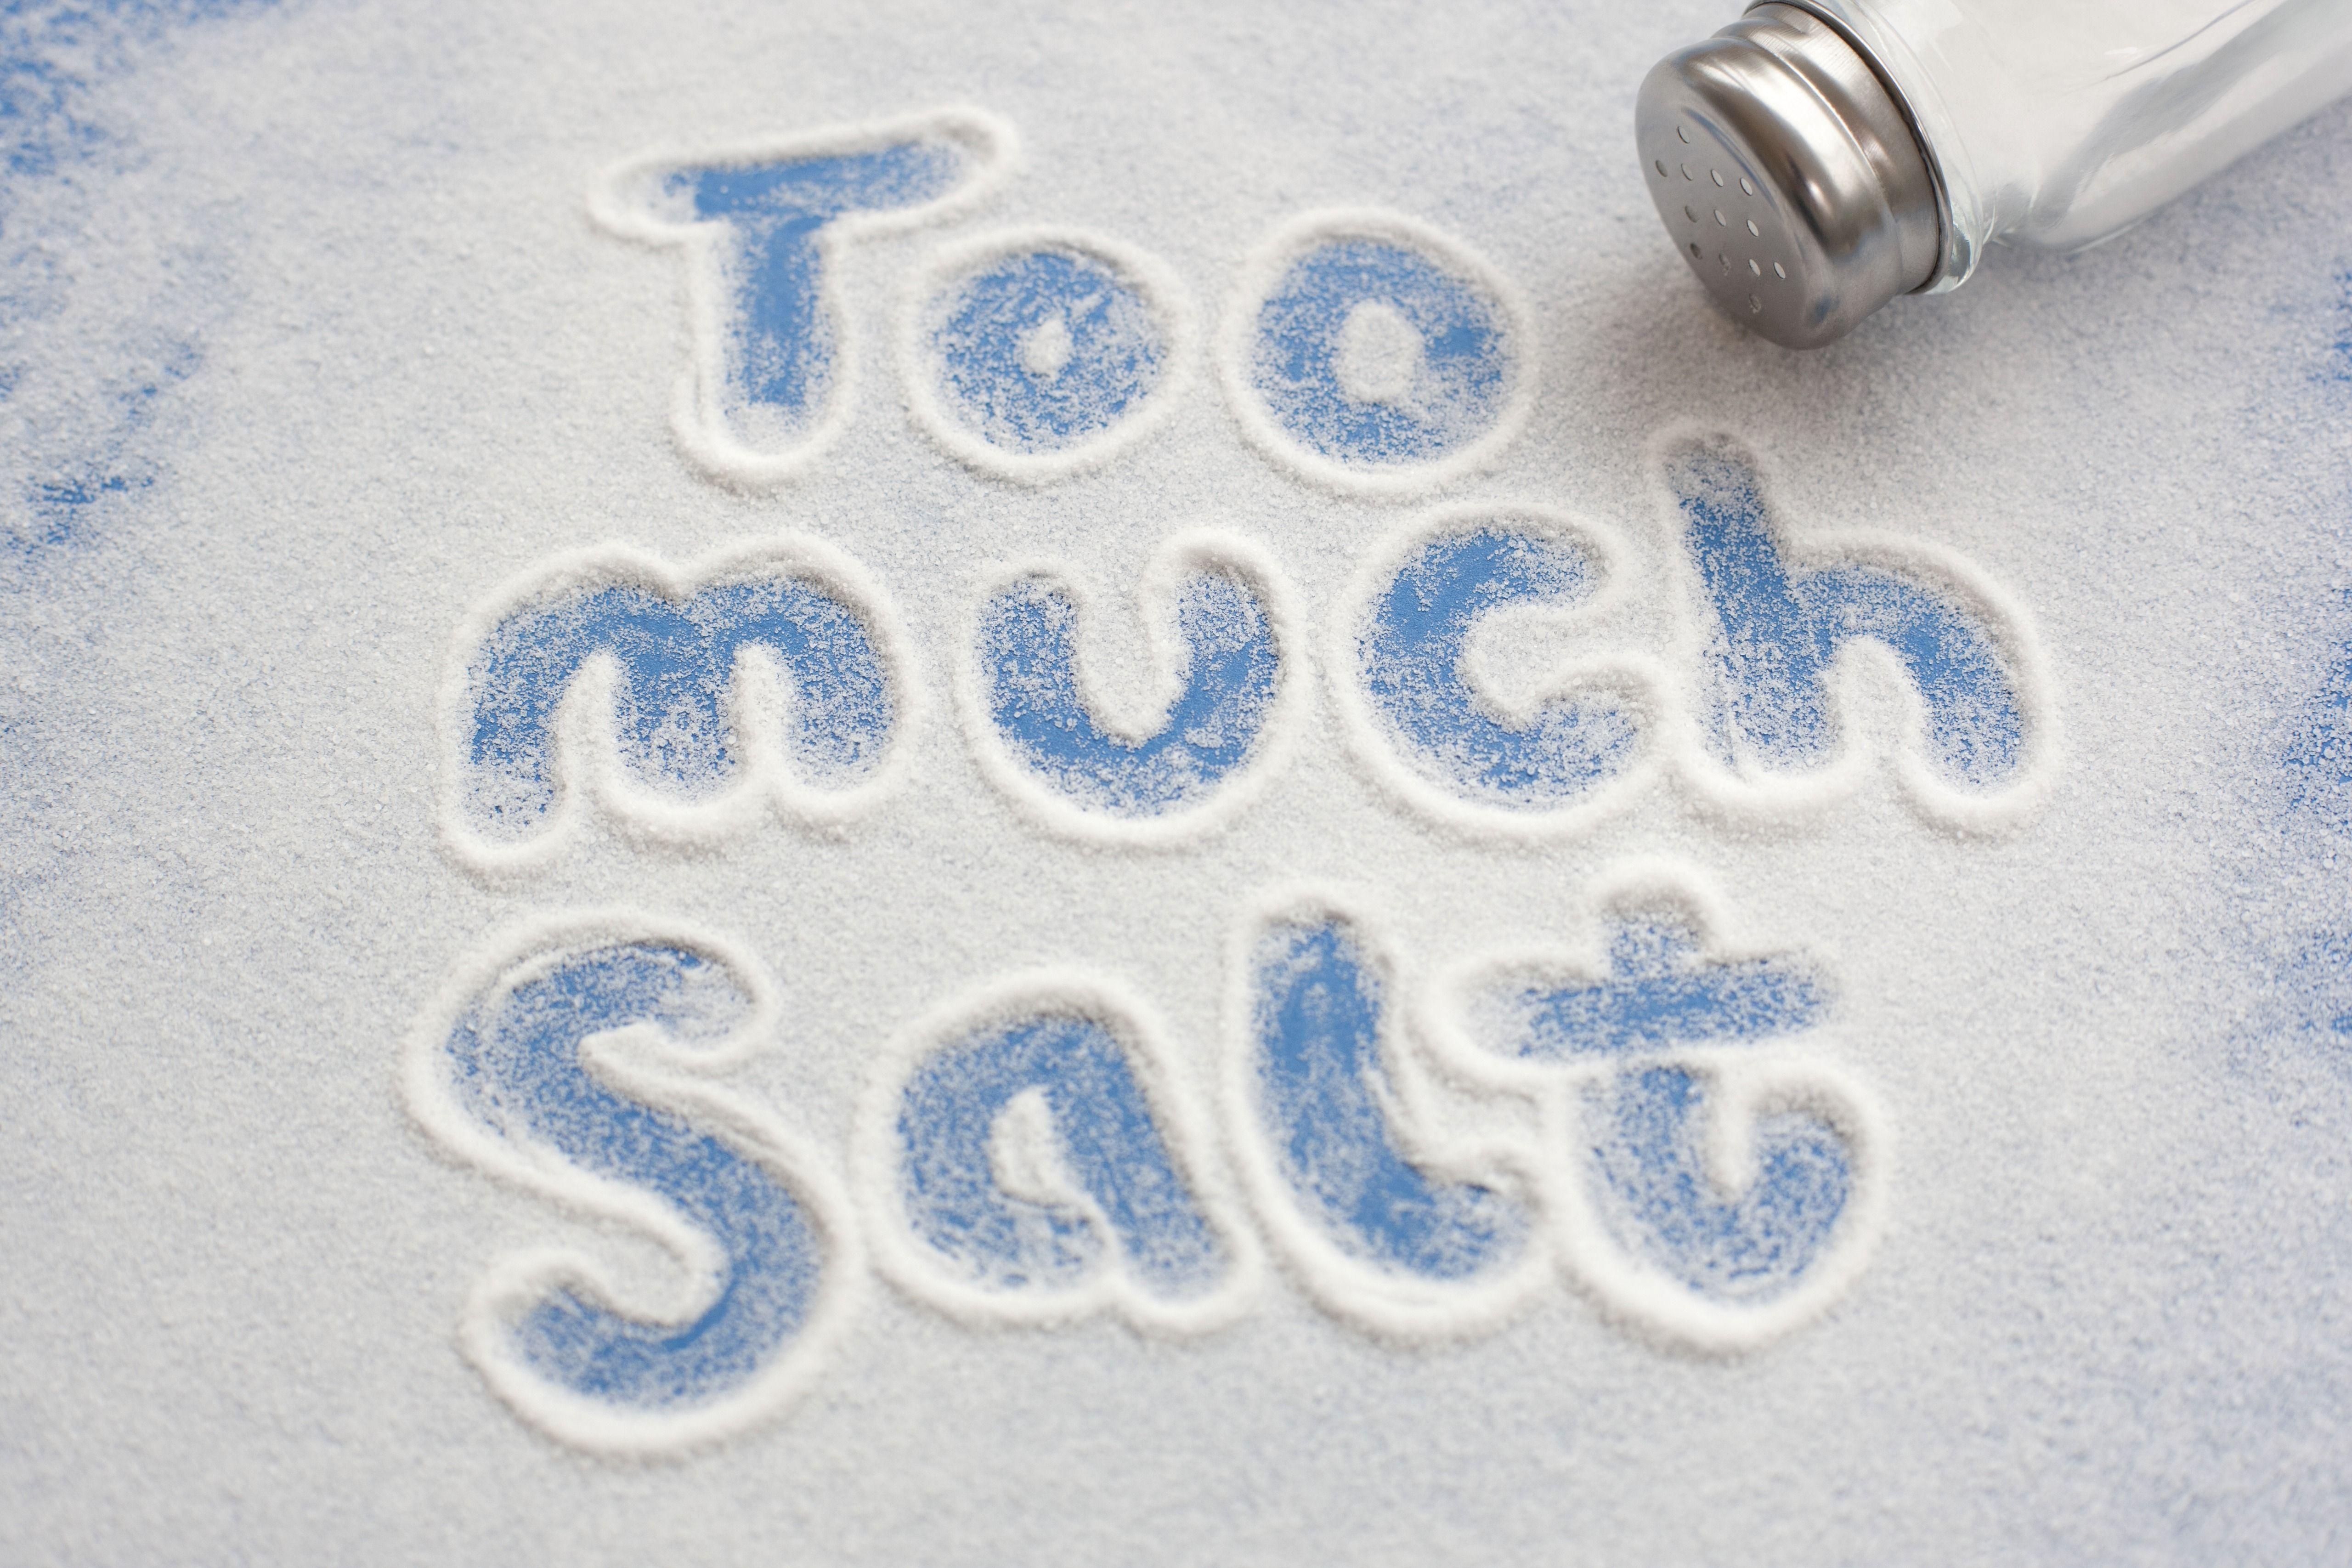 太る 塩分